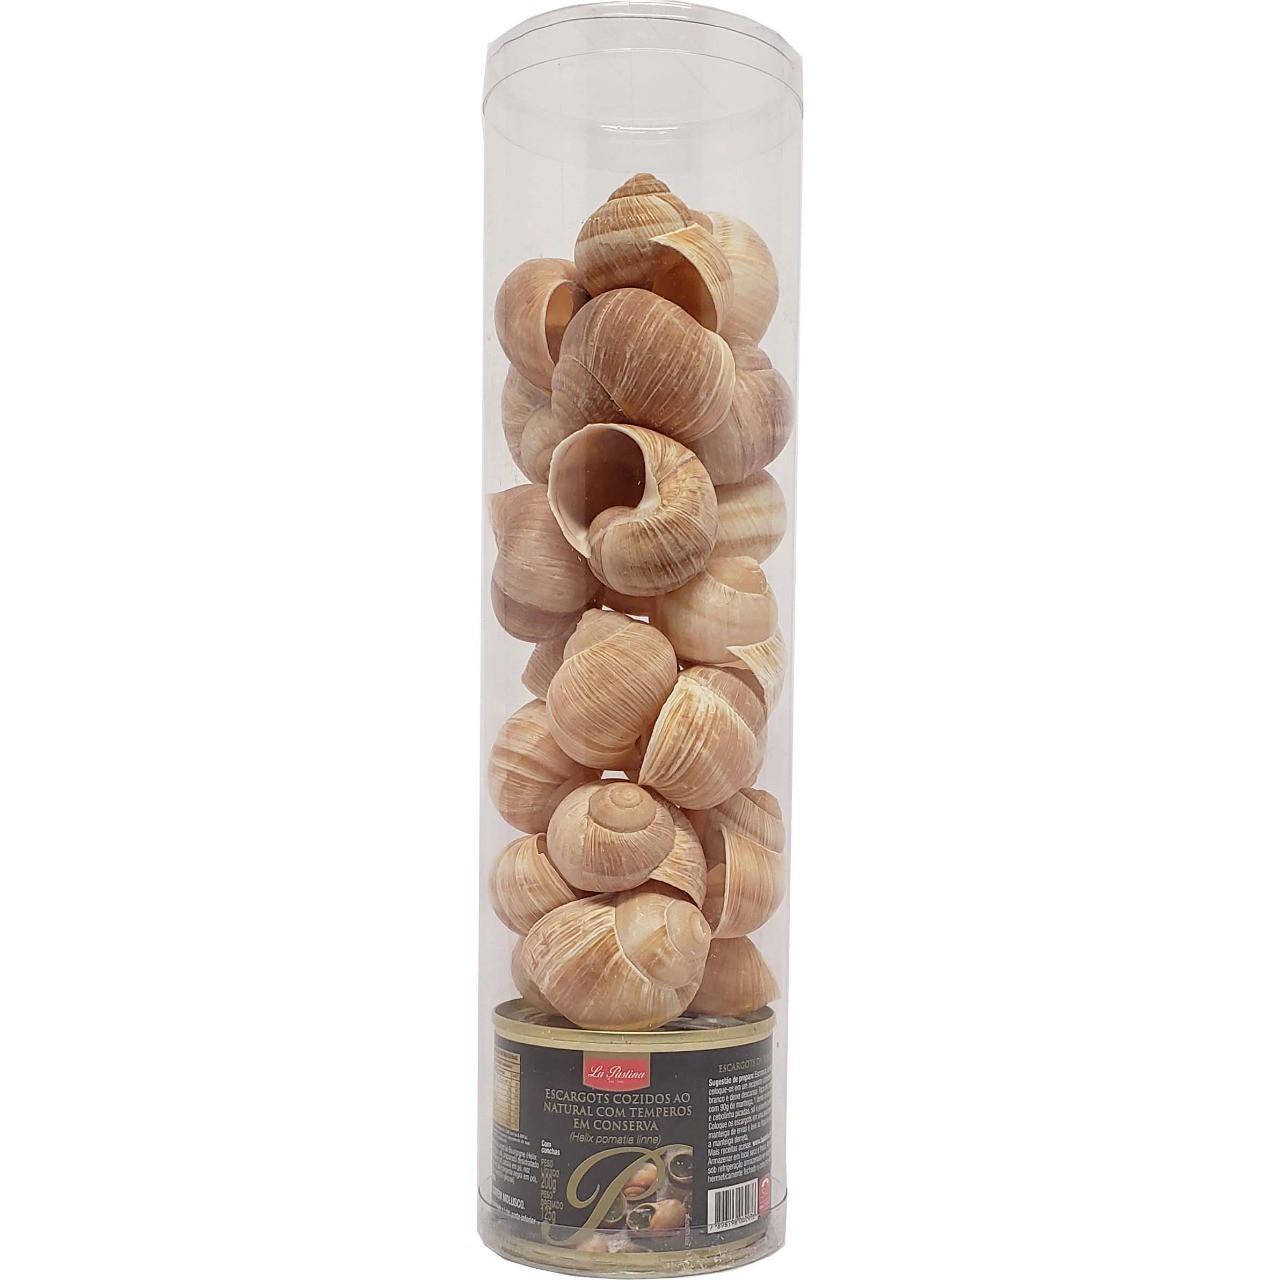 Escargots cozidos ao natural com temperos em conserva - 200g -